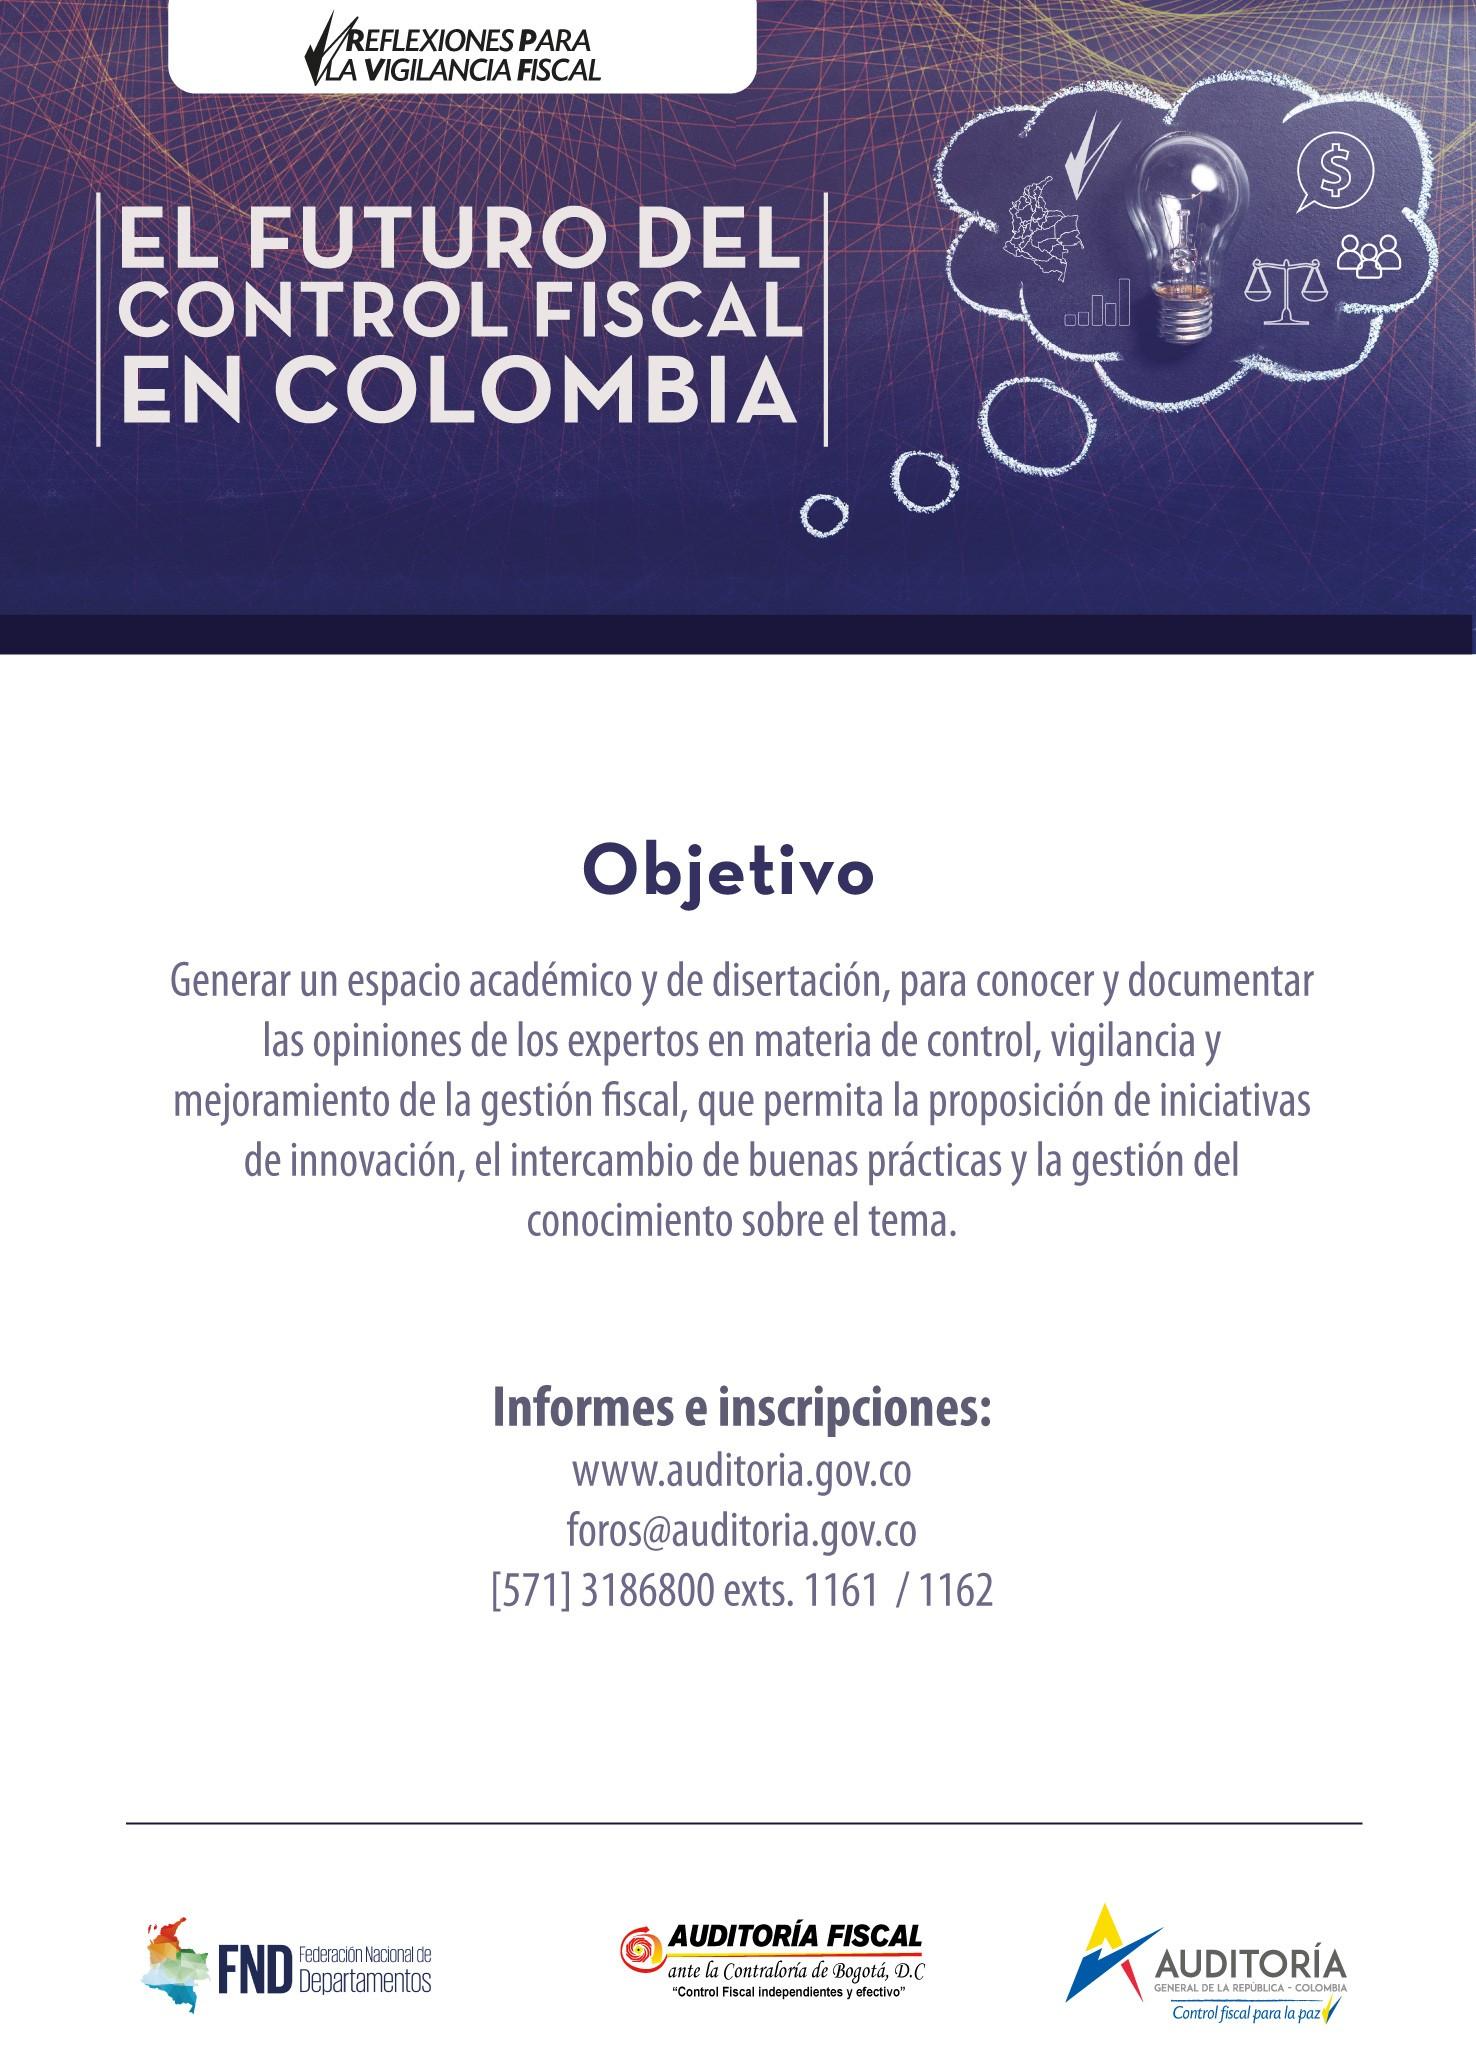 Calendario Colombia 2019 En Pdf Mejores Y Más Novedosos eventos todos Los Elementos Of Calendario Colombia 2019 En Pdf Mejores Y Más Novedosos Avance Del Plan Maestro La Propuesta Panamericana Para Lima Pdf